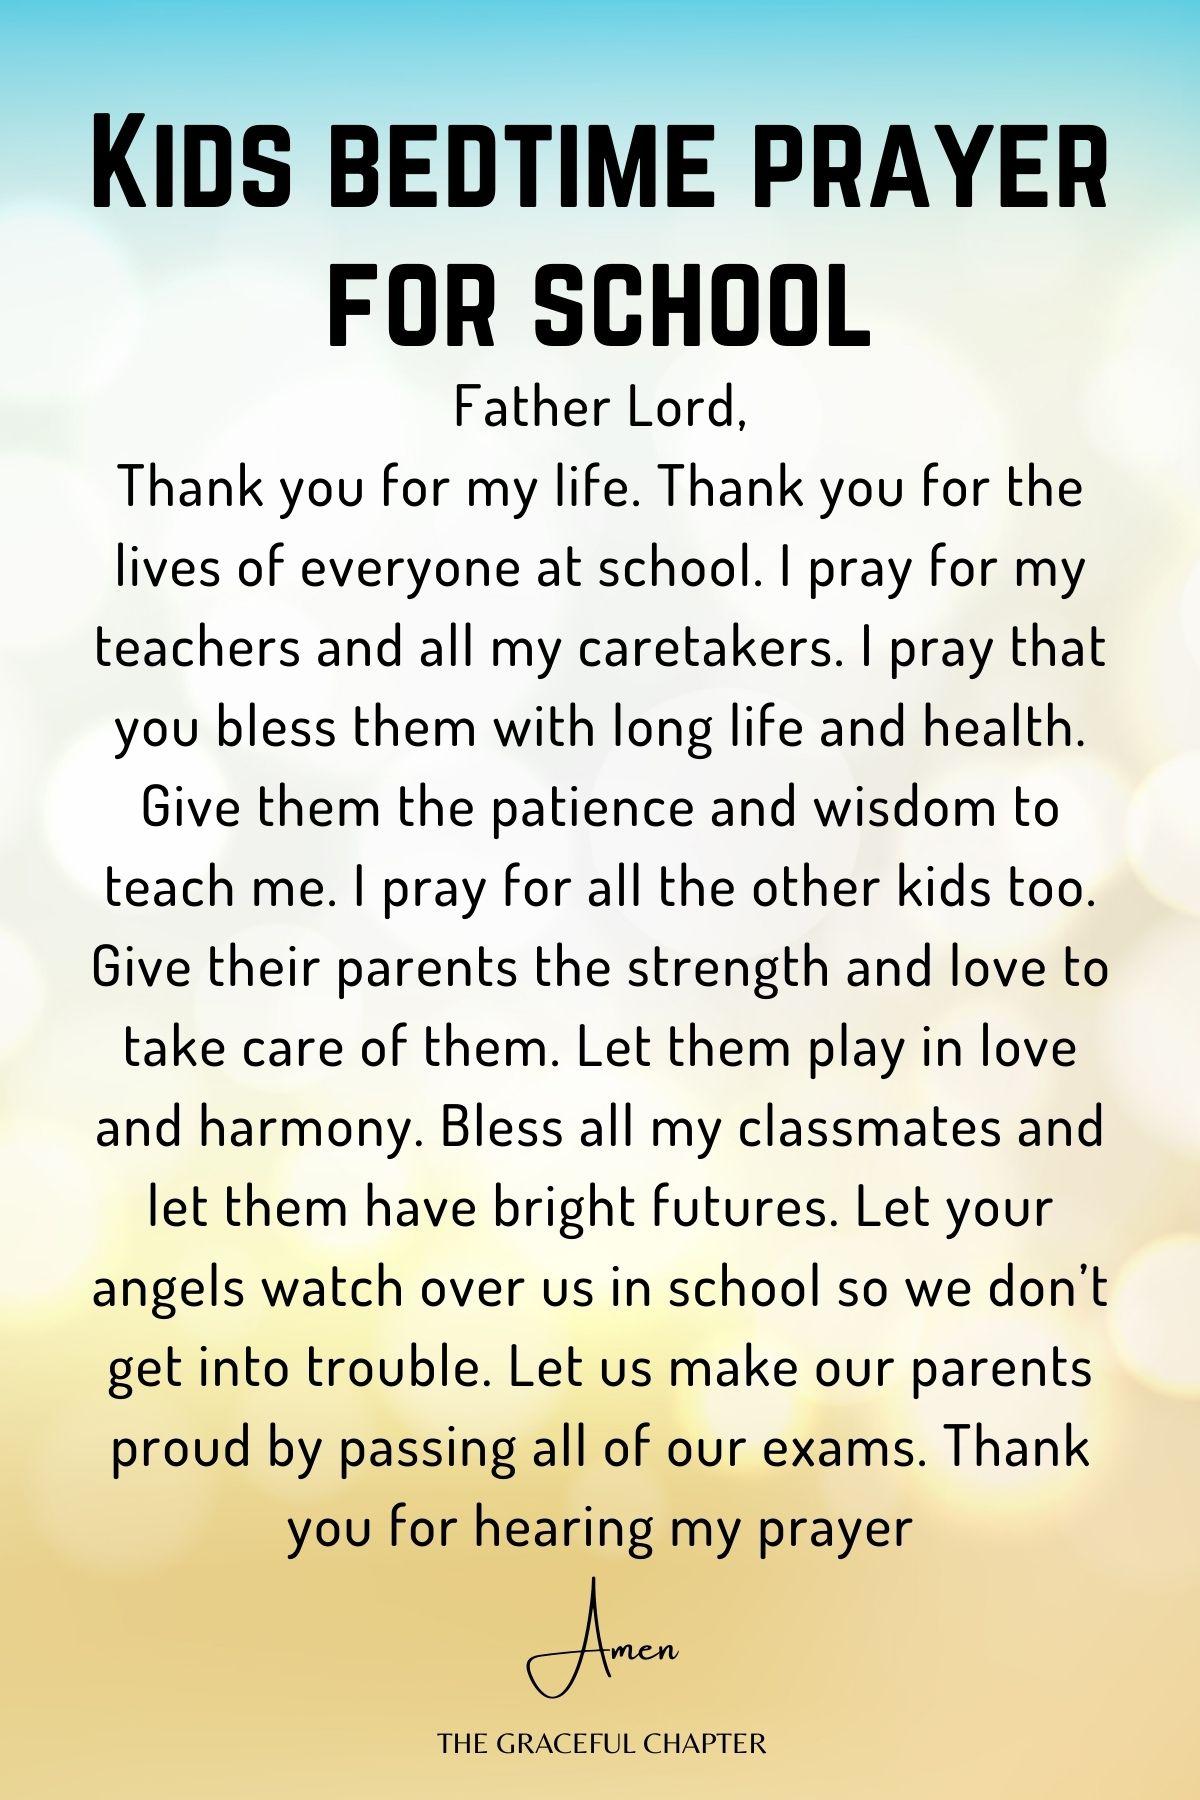 Kids bedtime prayer for school